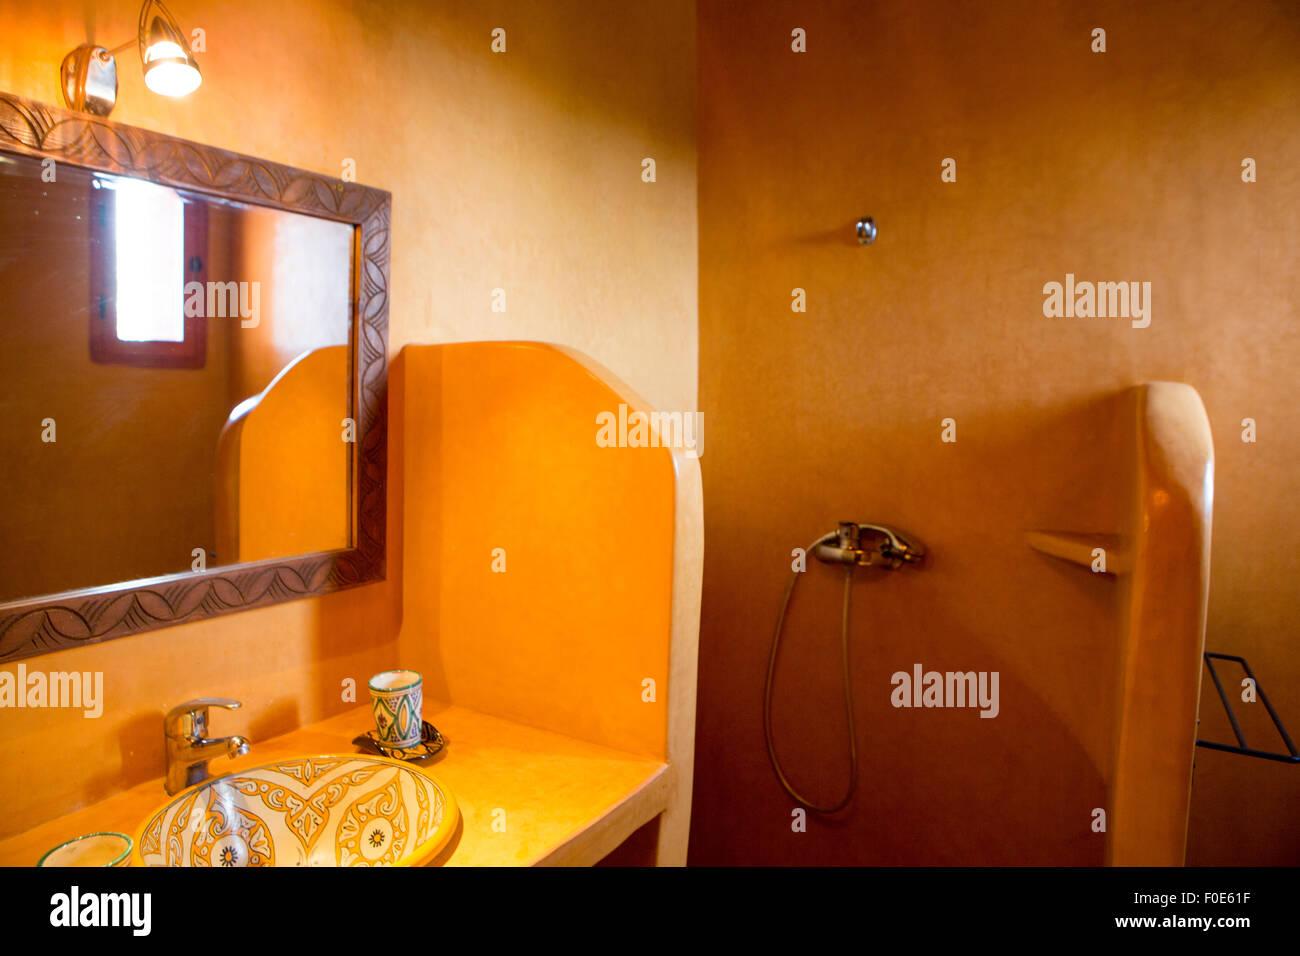 Tadlek Photos & Tadlek Images - Alamy